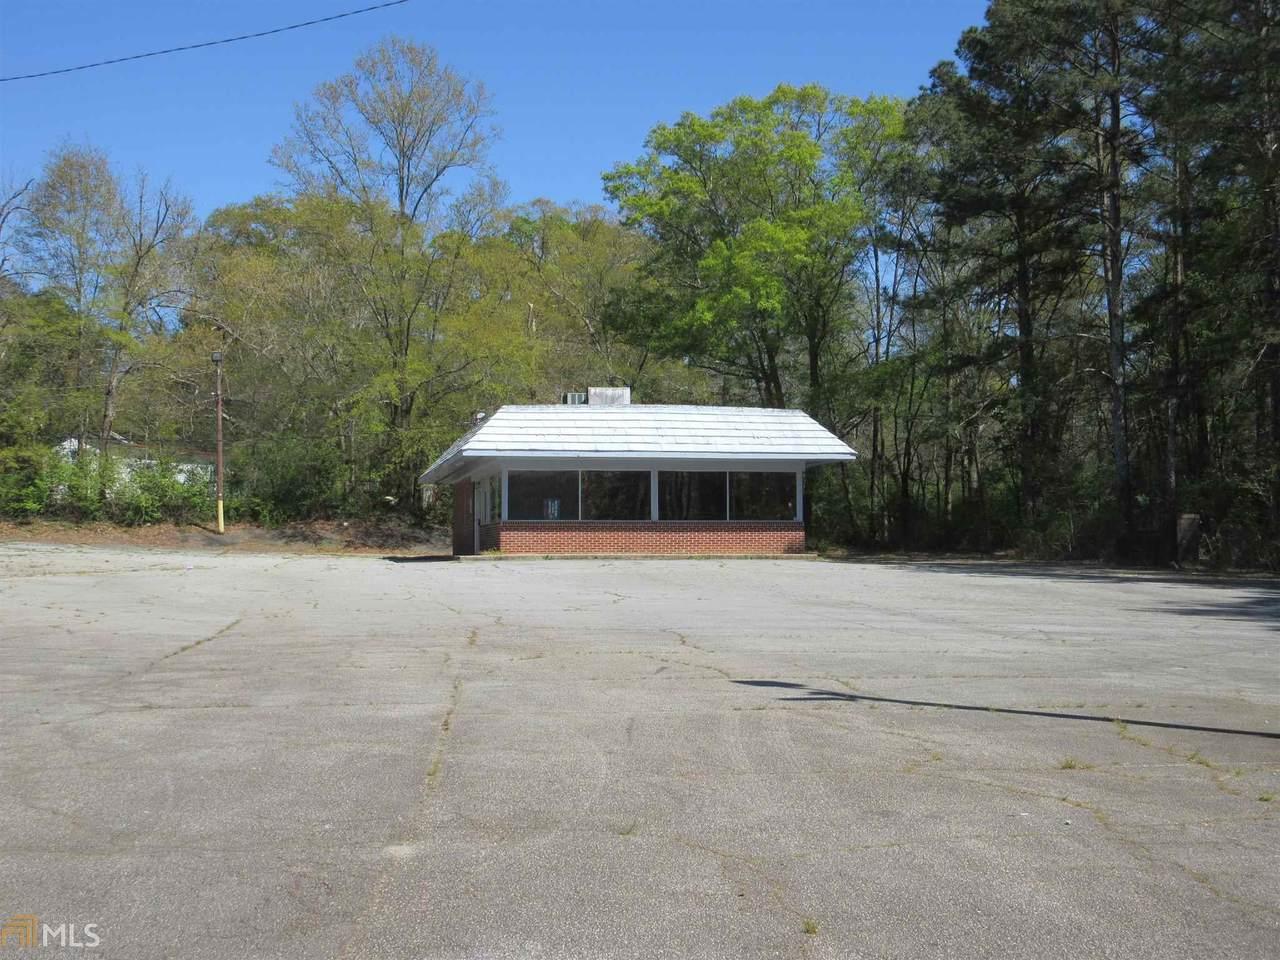 1101 Whitesville St - Photo 1